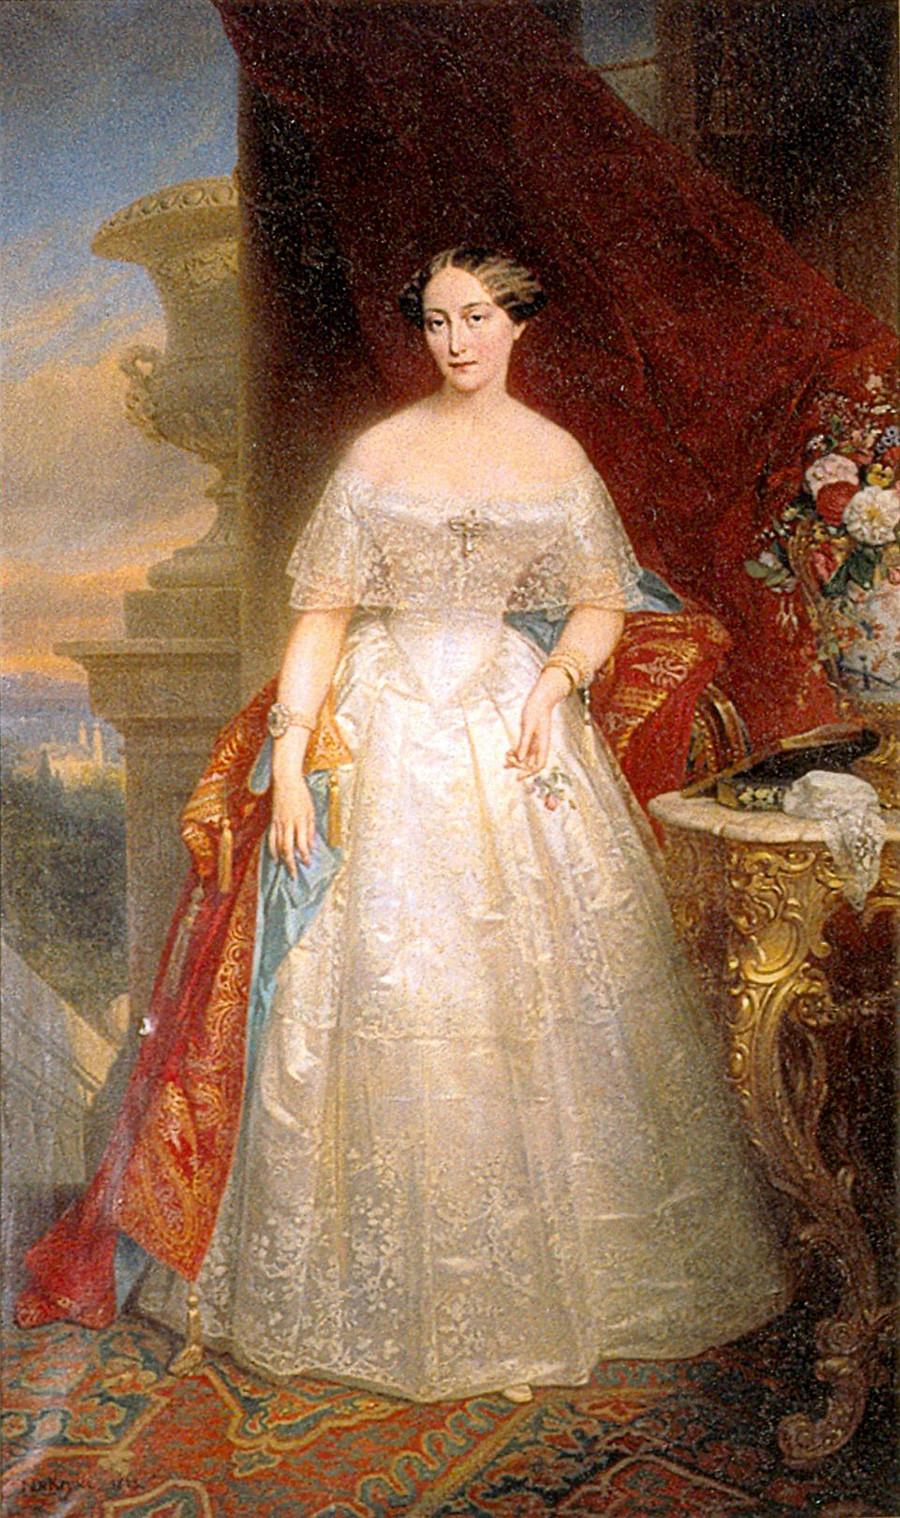 Ritratto di Olga di Russia (1822-1892), realizzato da Nicaise de Keyser